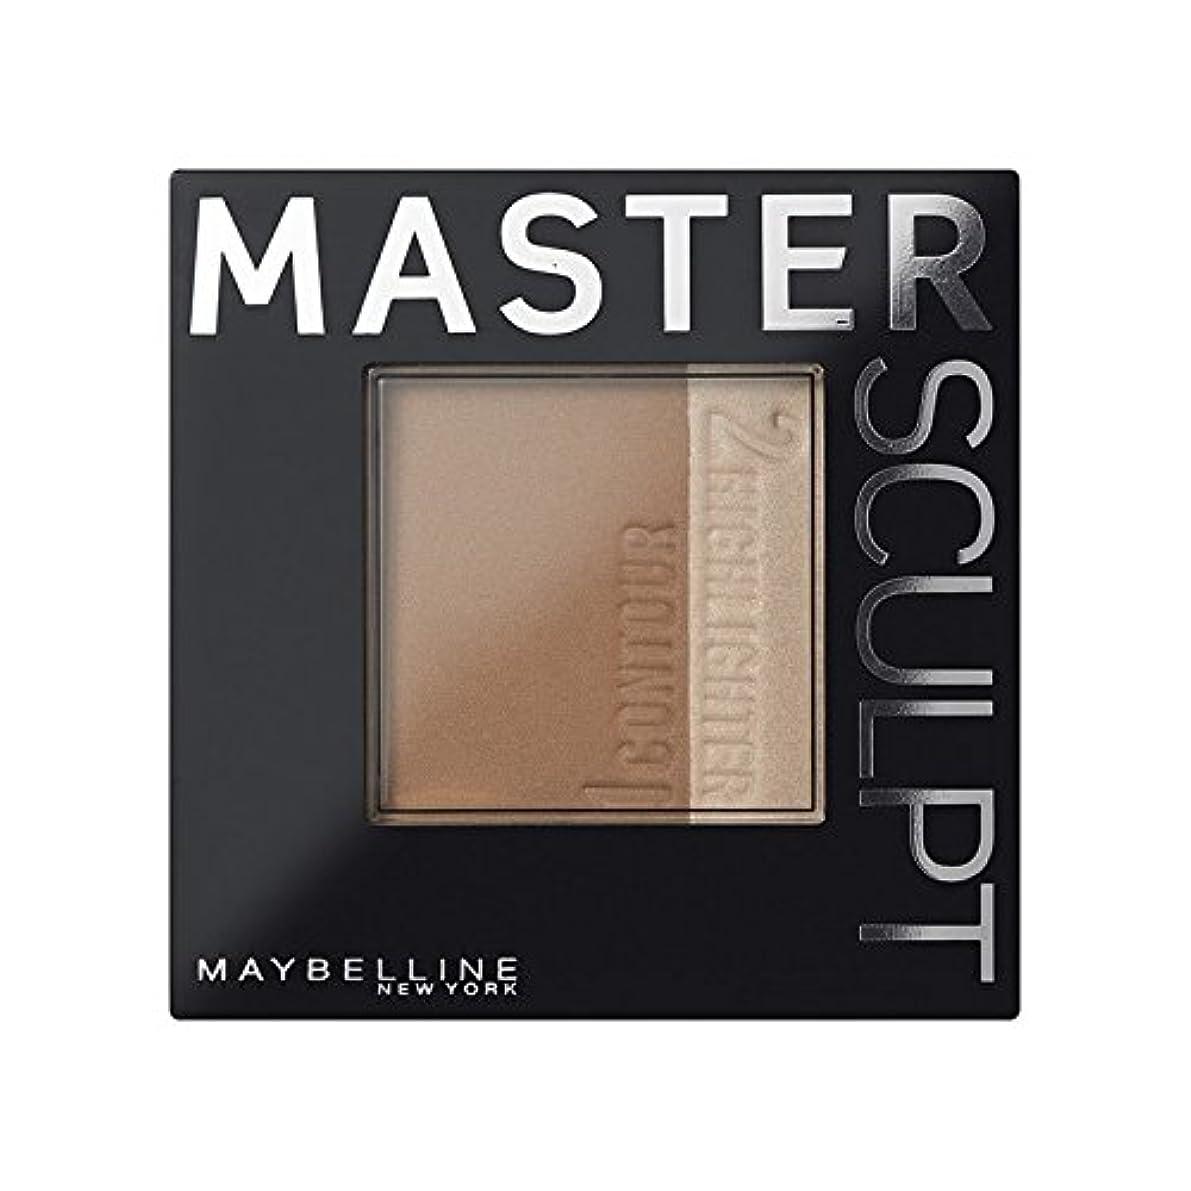 服を片付ける満足音Maybelline Master Sculpt Contouring Foundation 01 Light/Med (Pack of 6) - 土台01光/ を輪郭メイベリンマスタースカルプト x6 [並行輸入品]